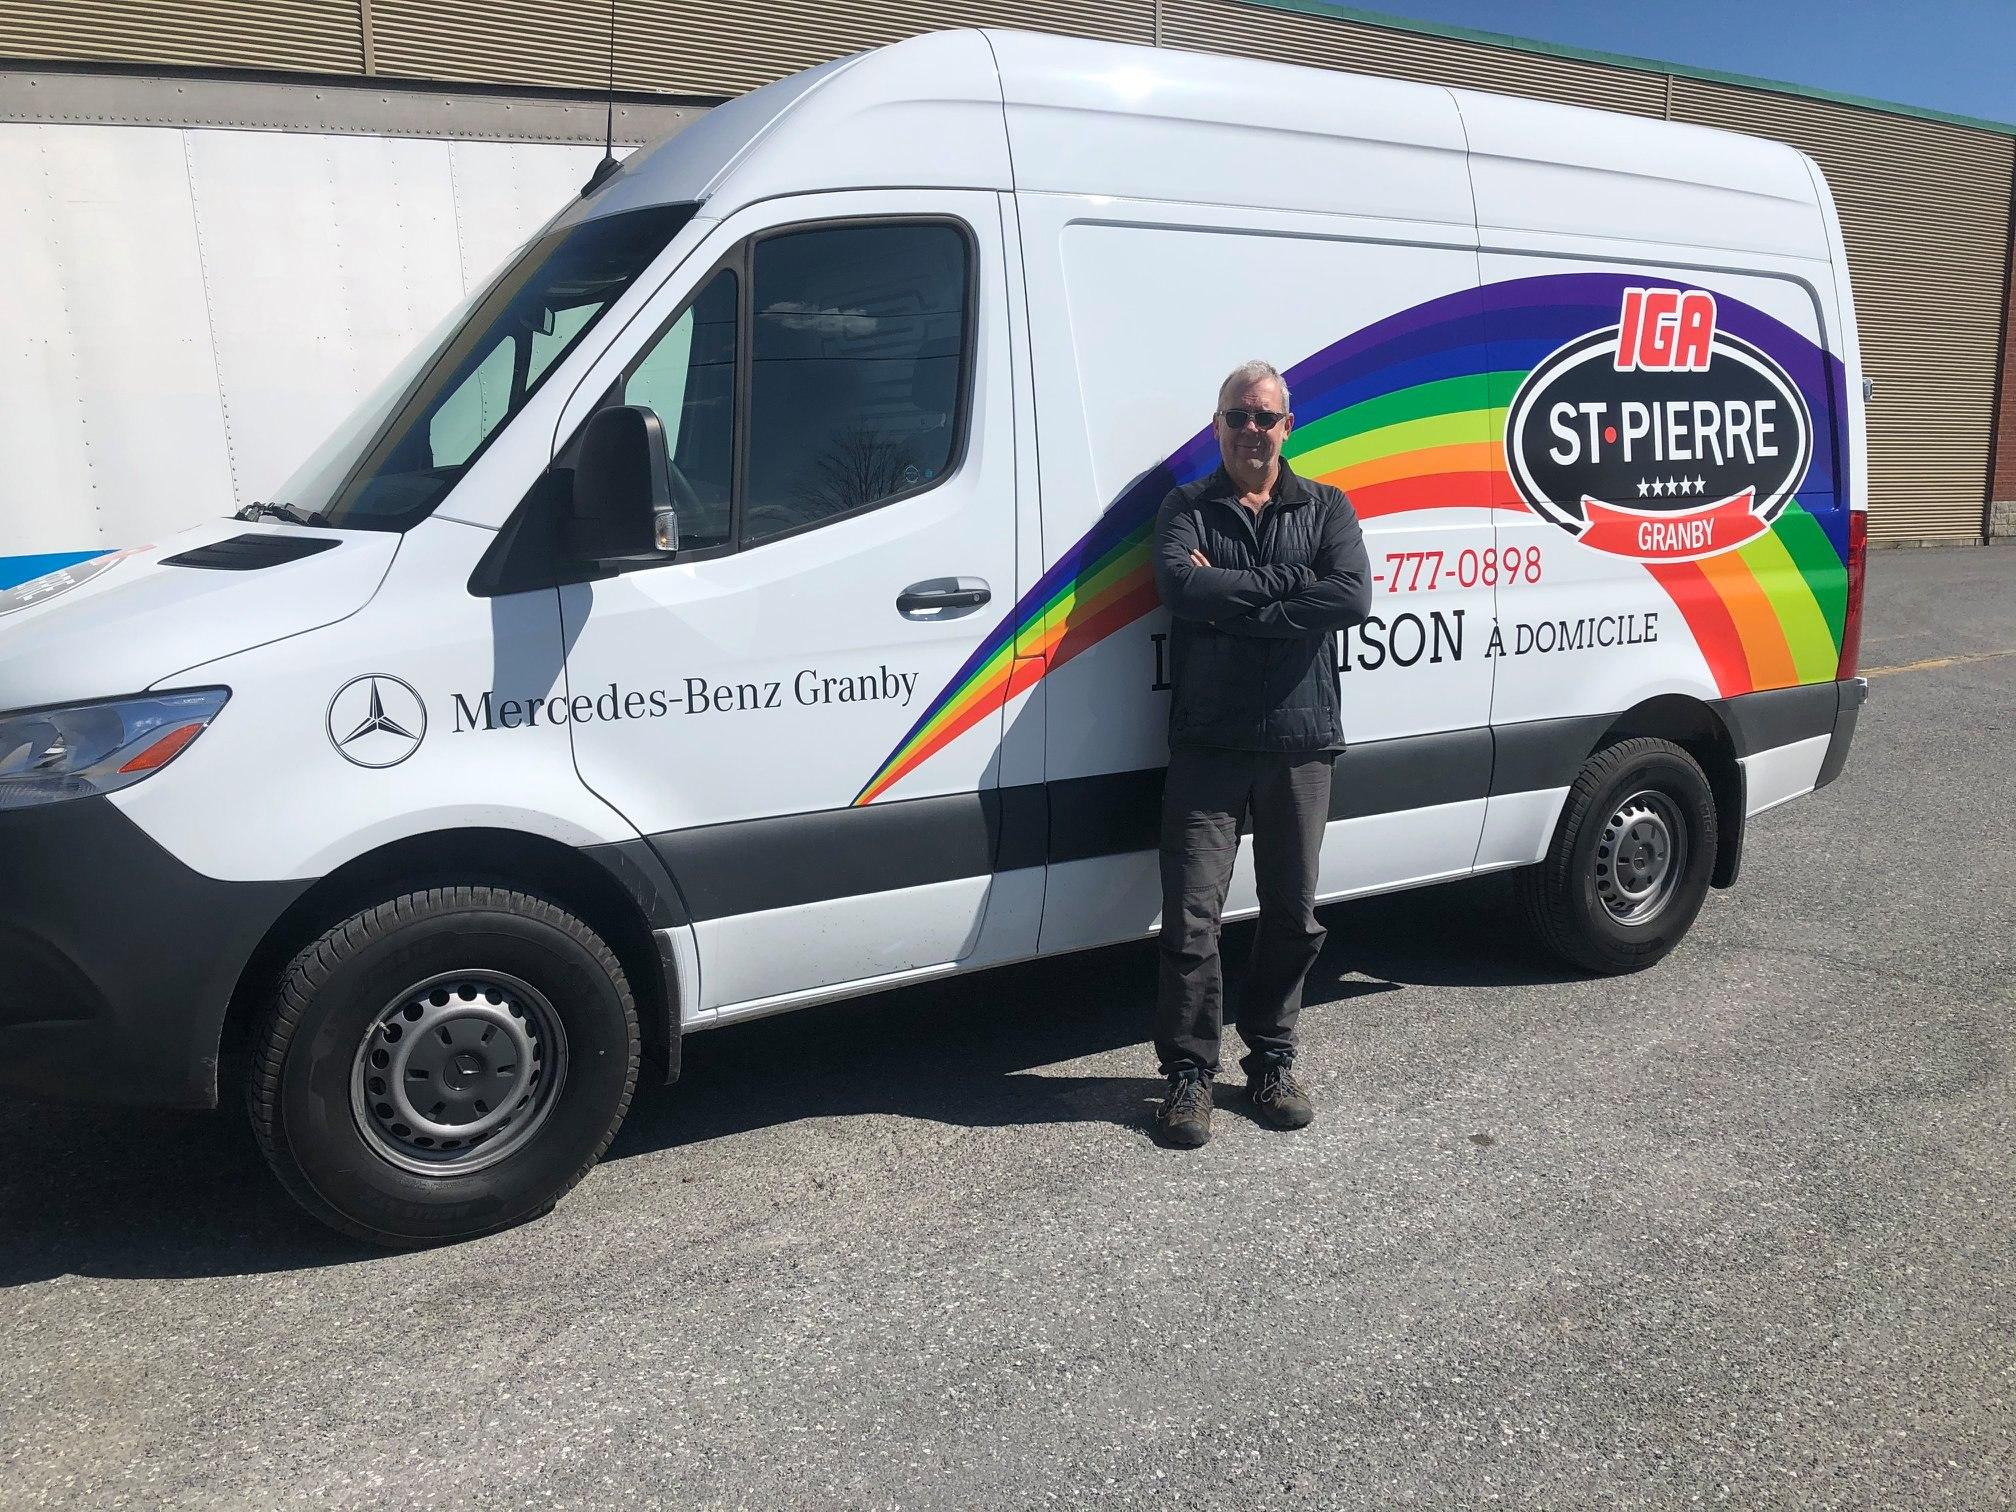 Mercedes-Benz Granby a prêté à IGA St-Pierre un Sprinter et un Metris